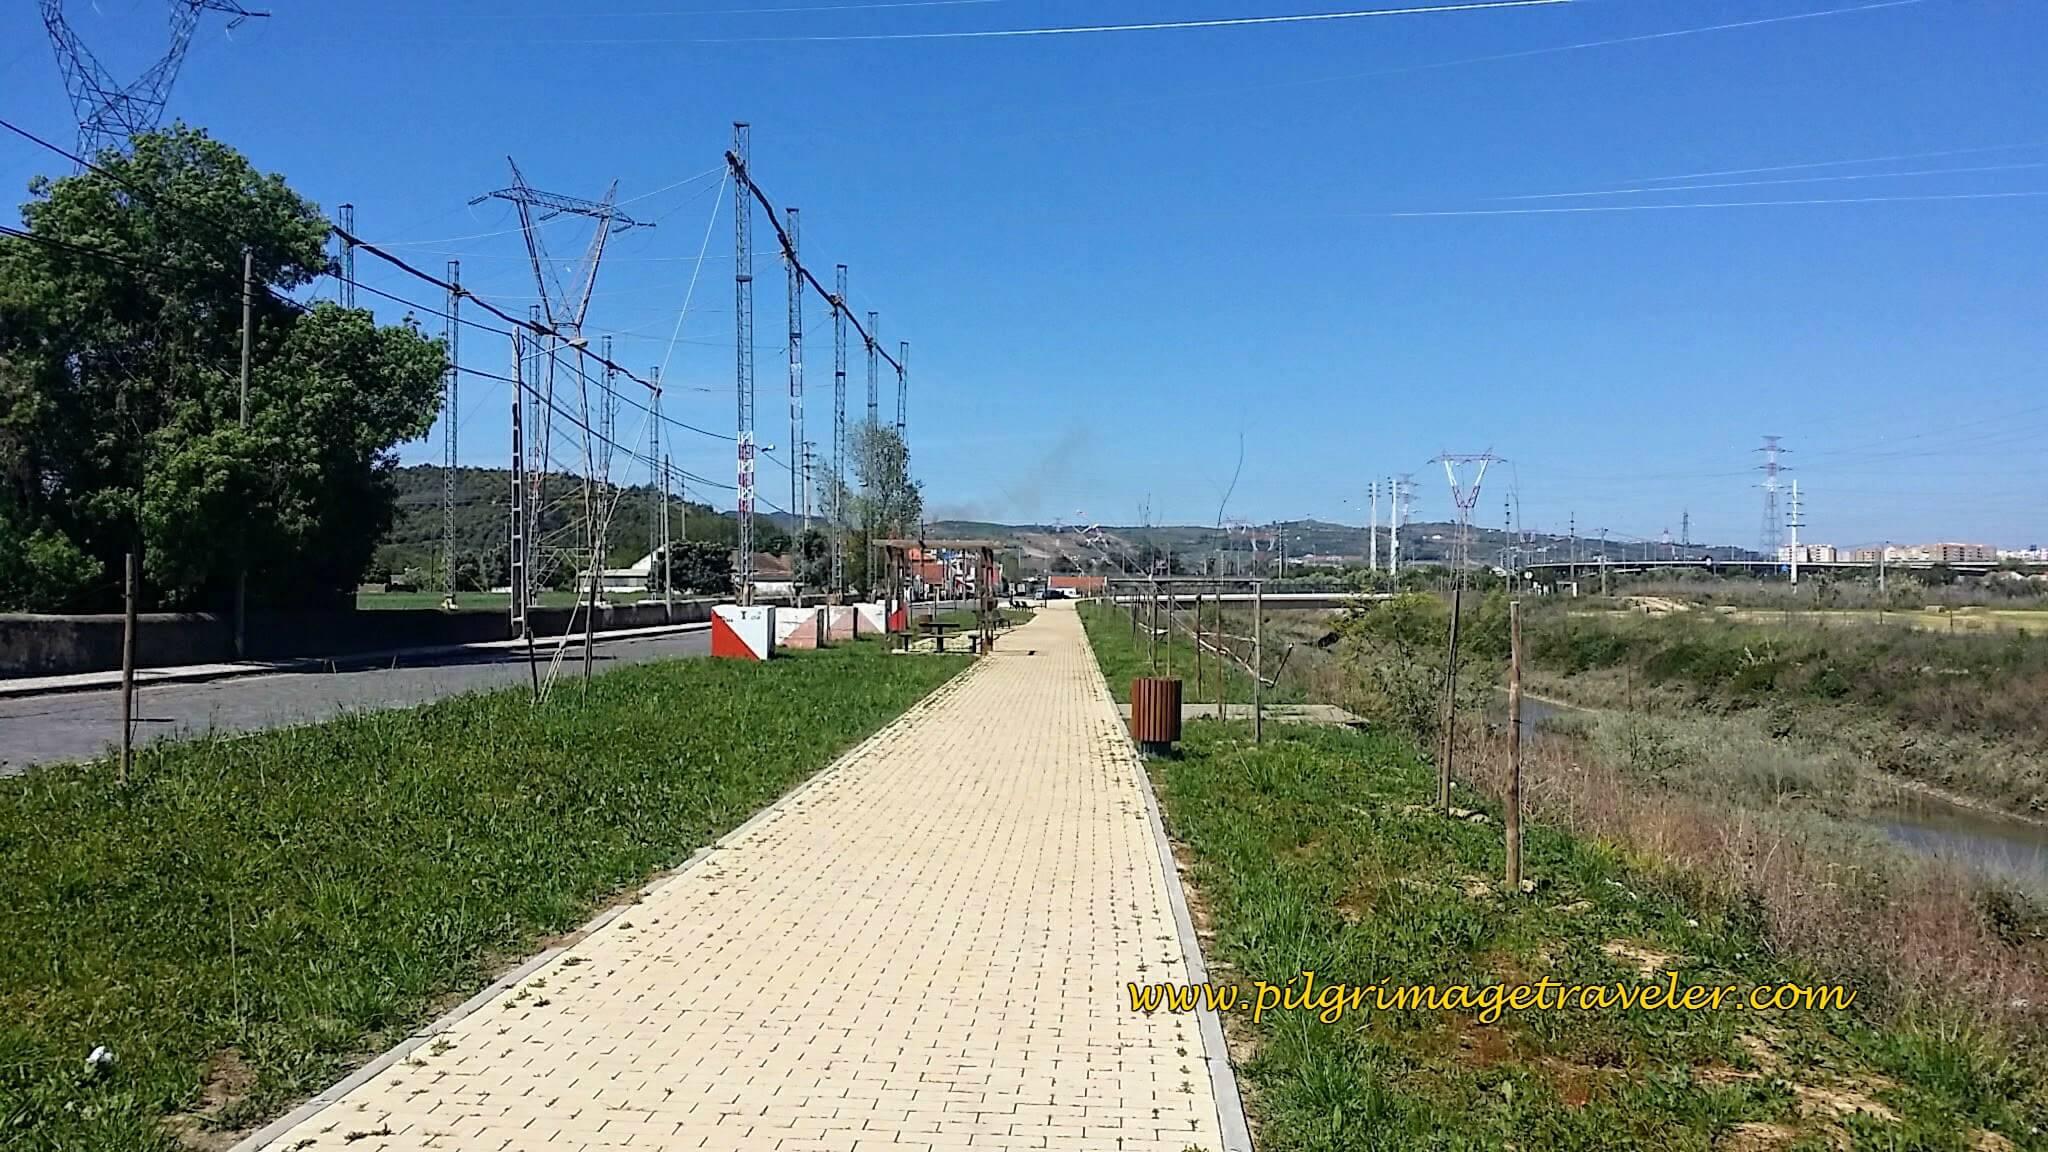 The Way Parallels the Estrada da Vala, Carregado, Portugal